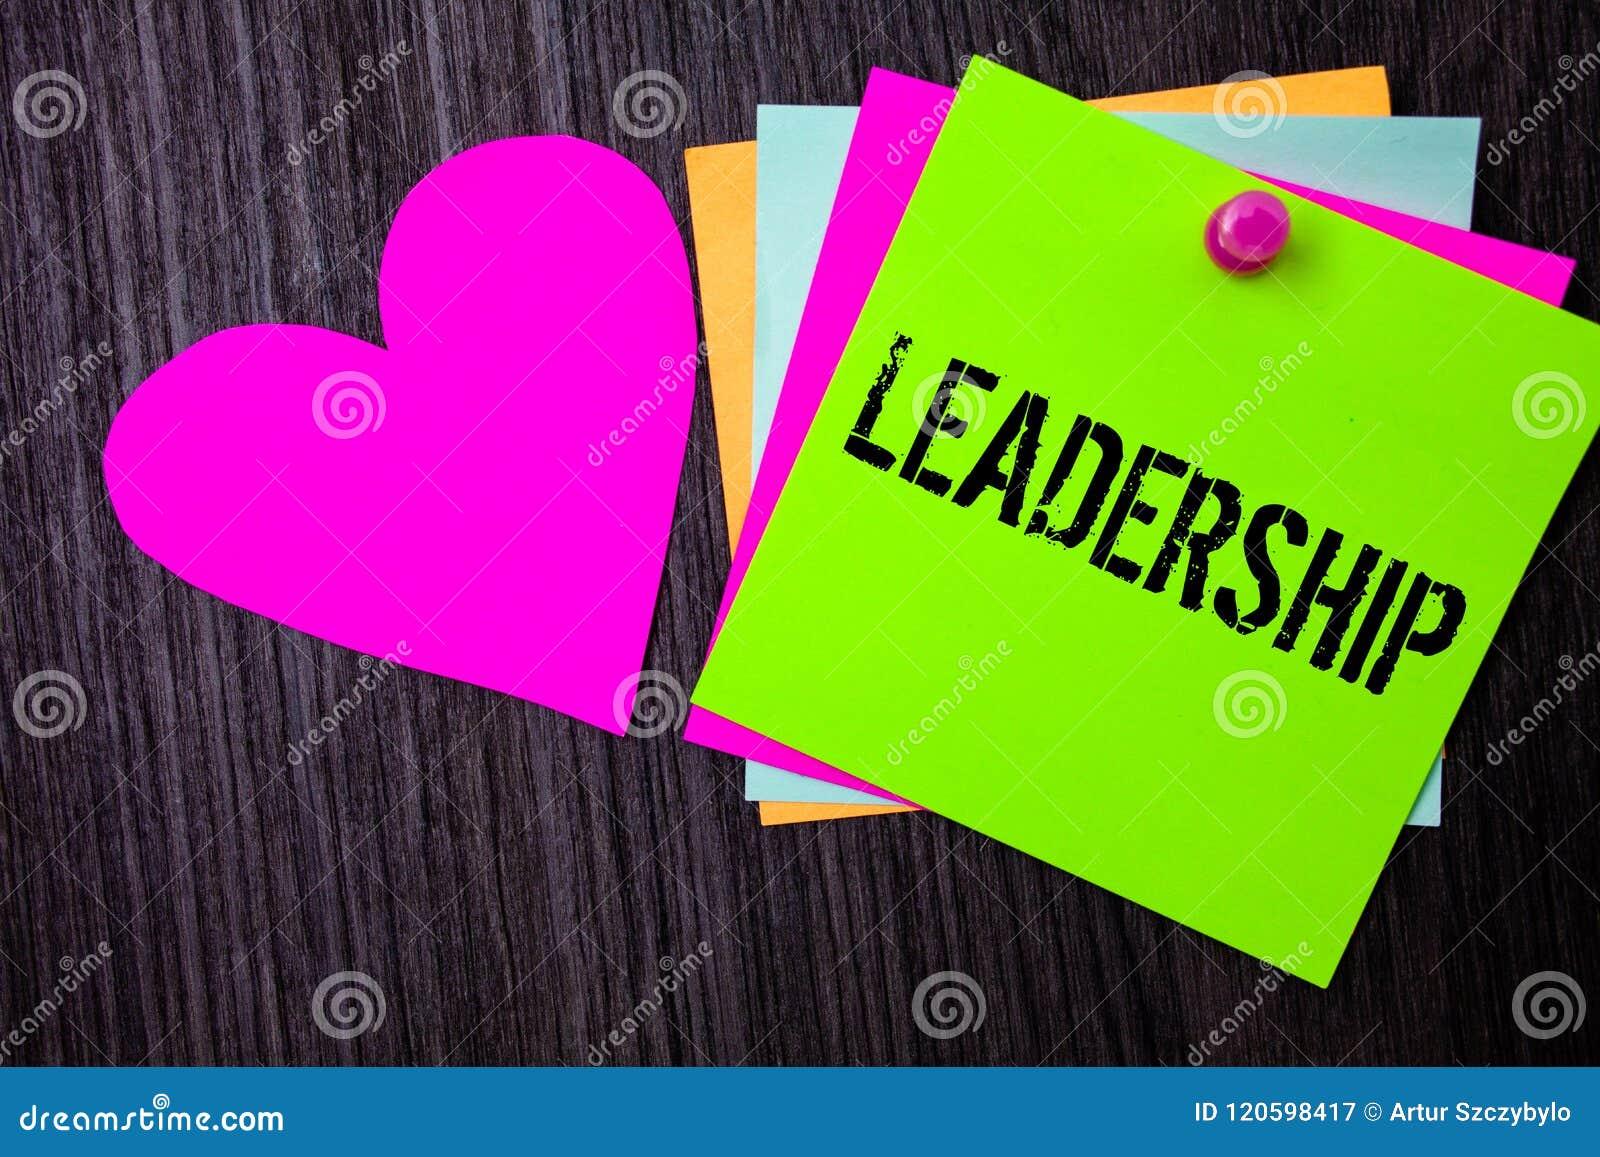 PI Leadership